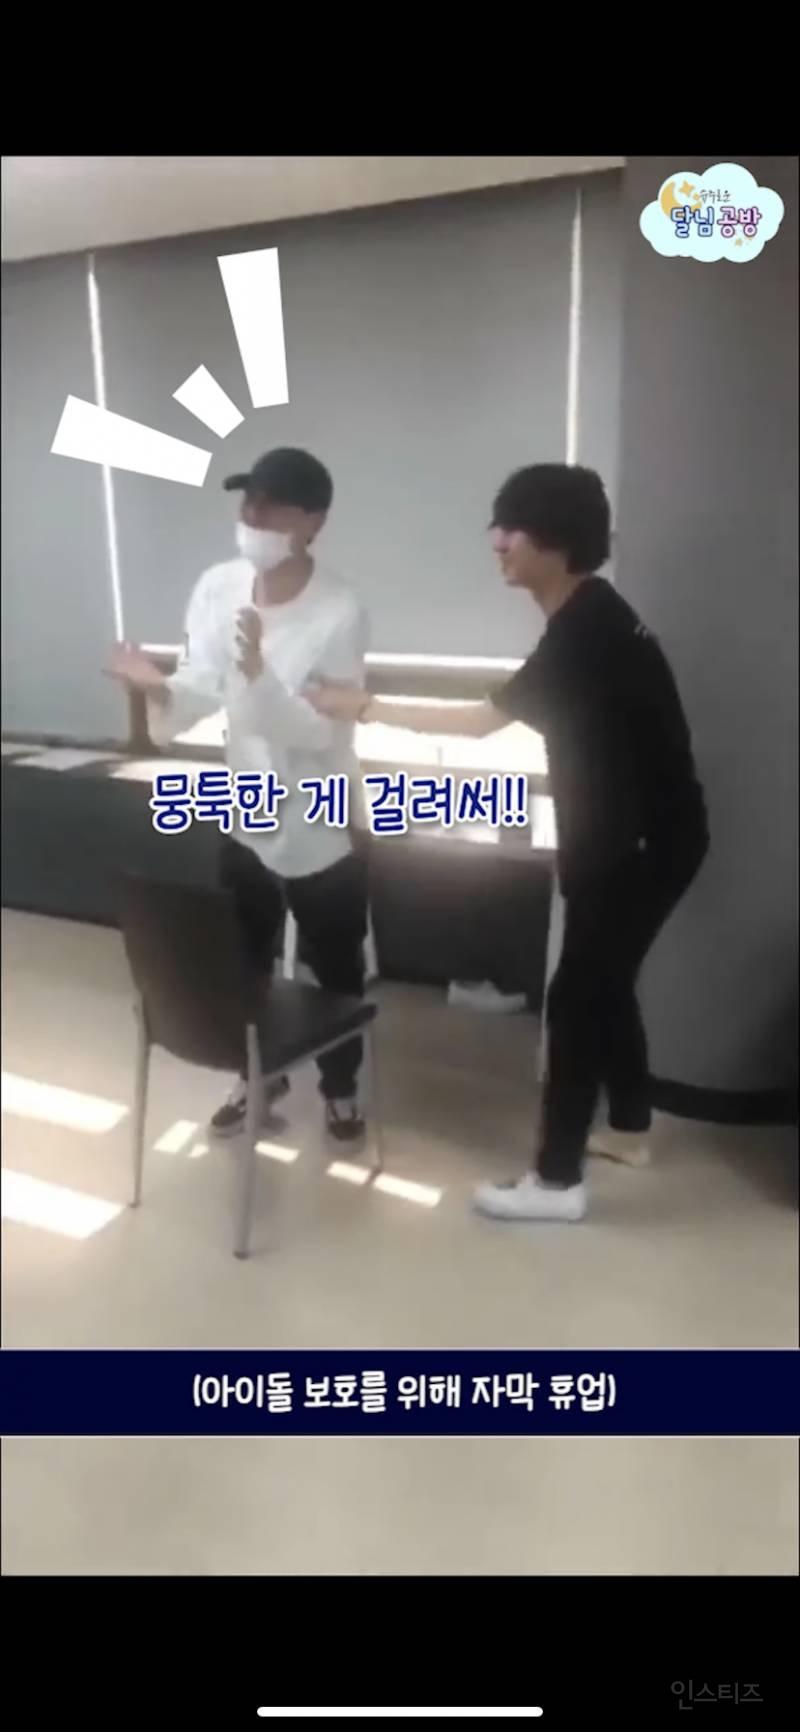 실수로 같은 멤버 🔥🥚 쎄려버린 아이돌   인스티즈